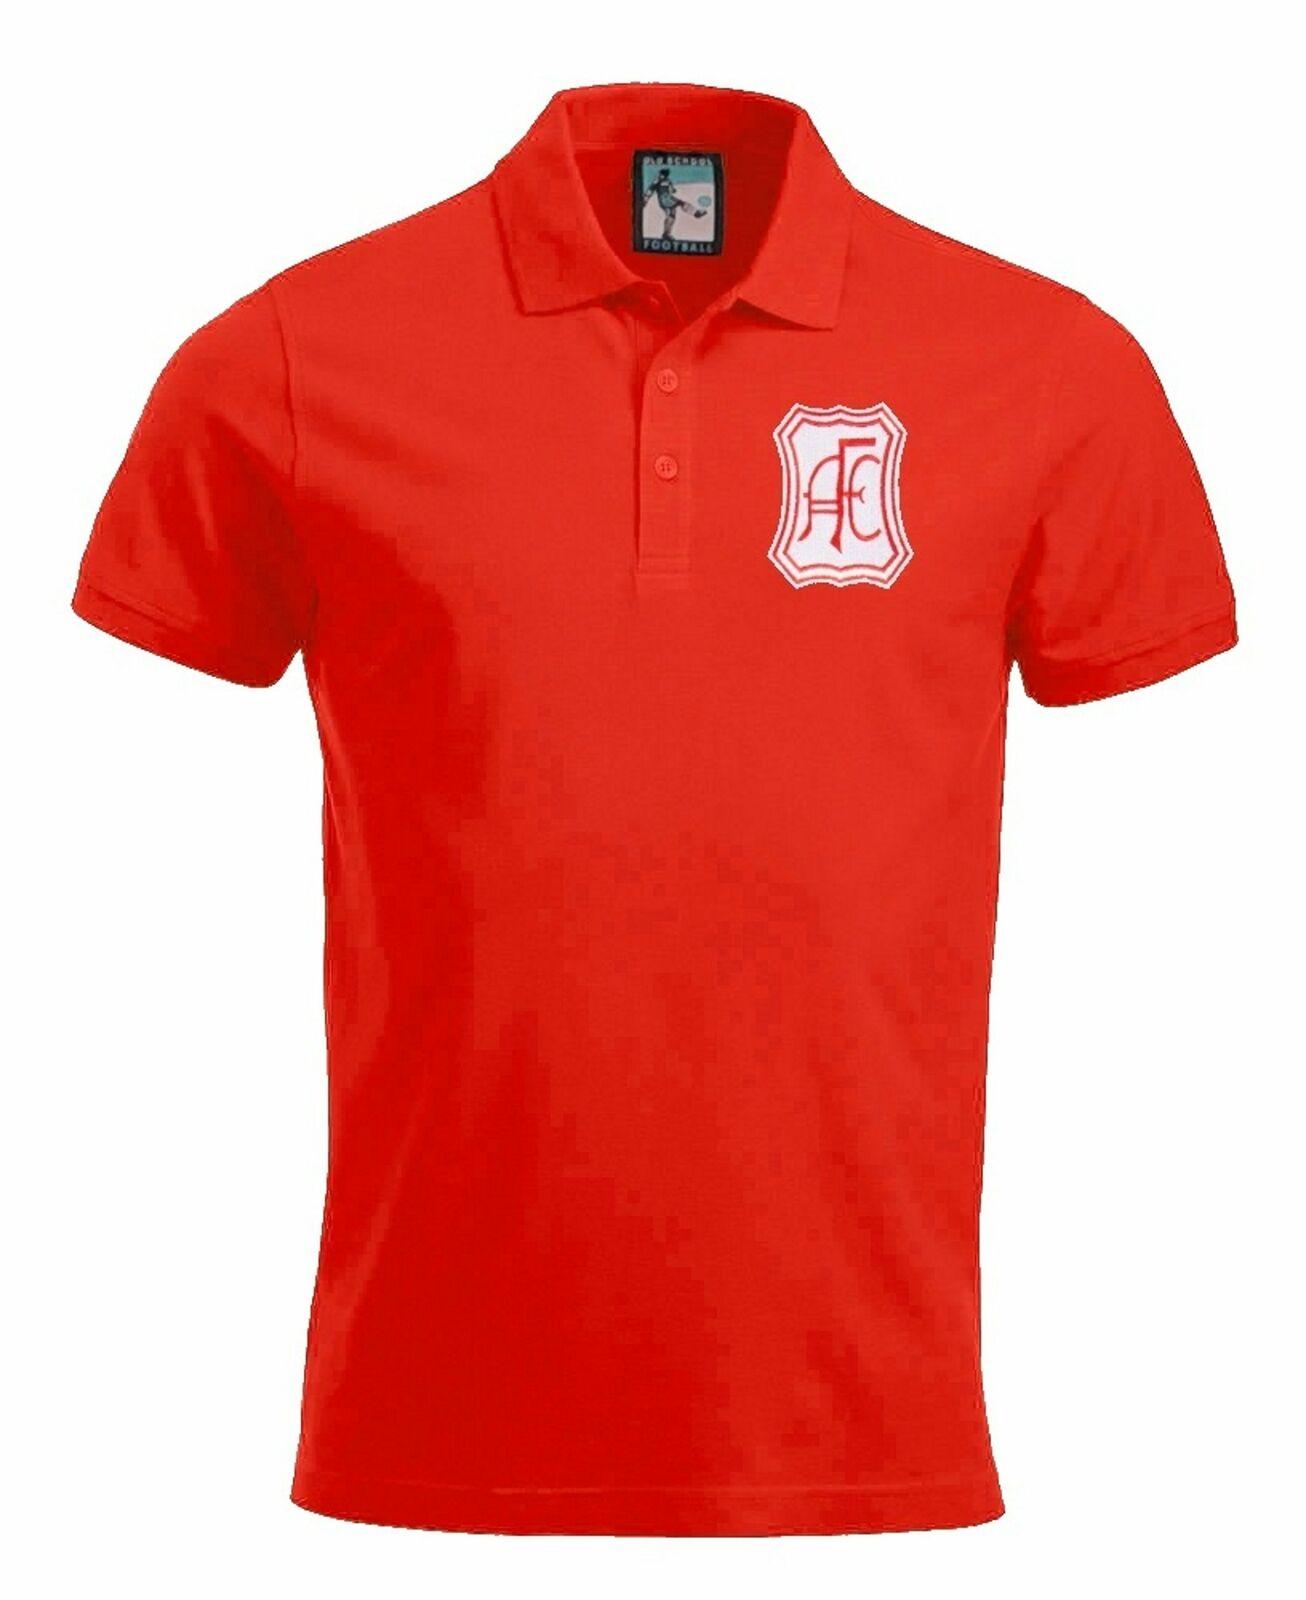 Aberdeen 1965 Football Polo Sizes S-XXXL Embroidered Logo